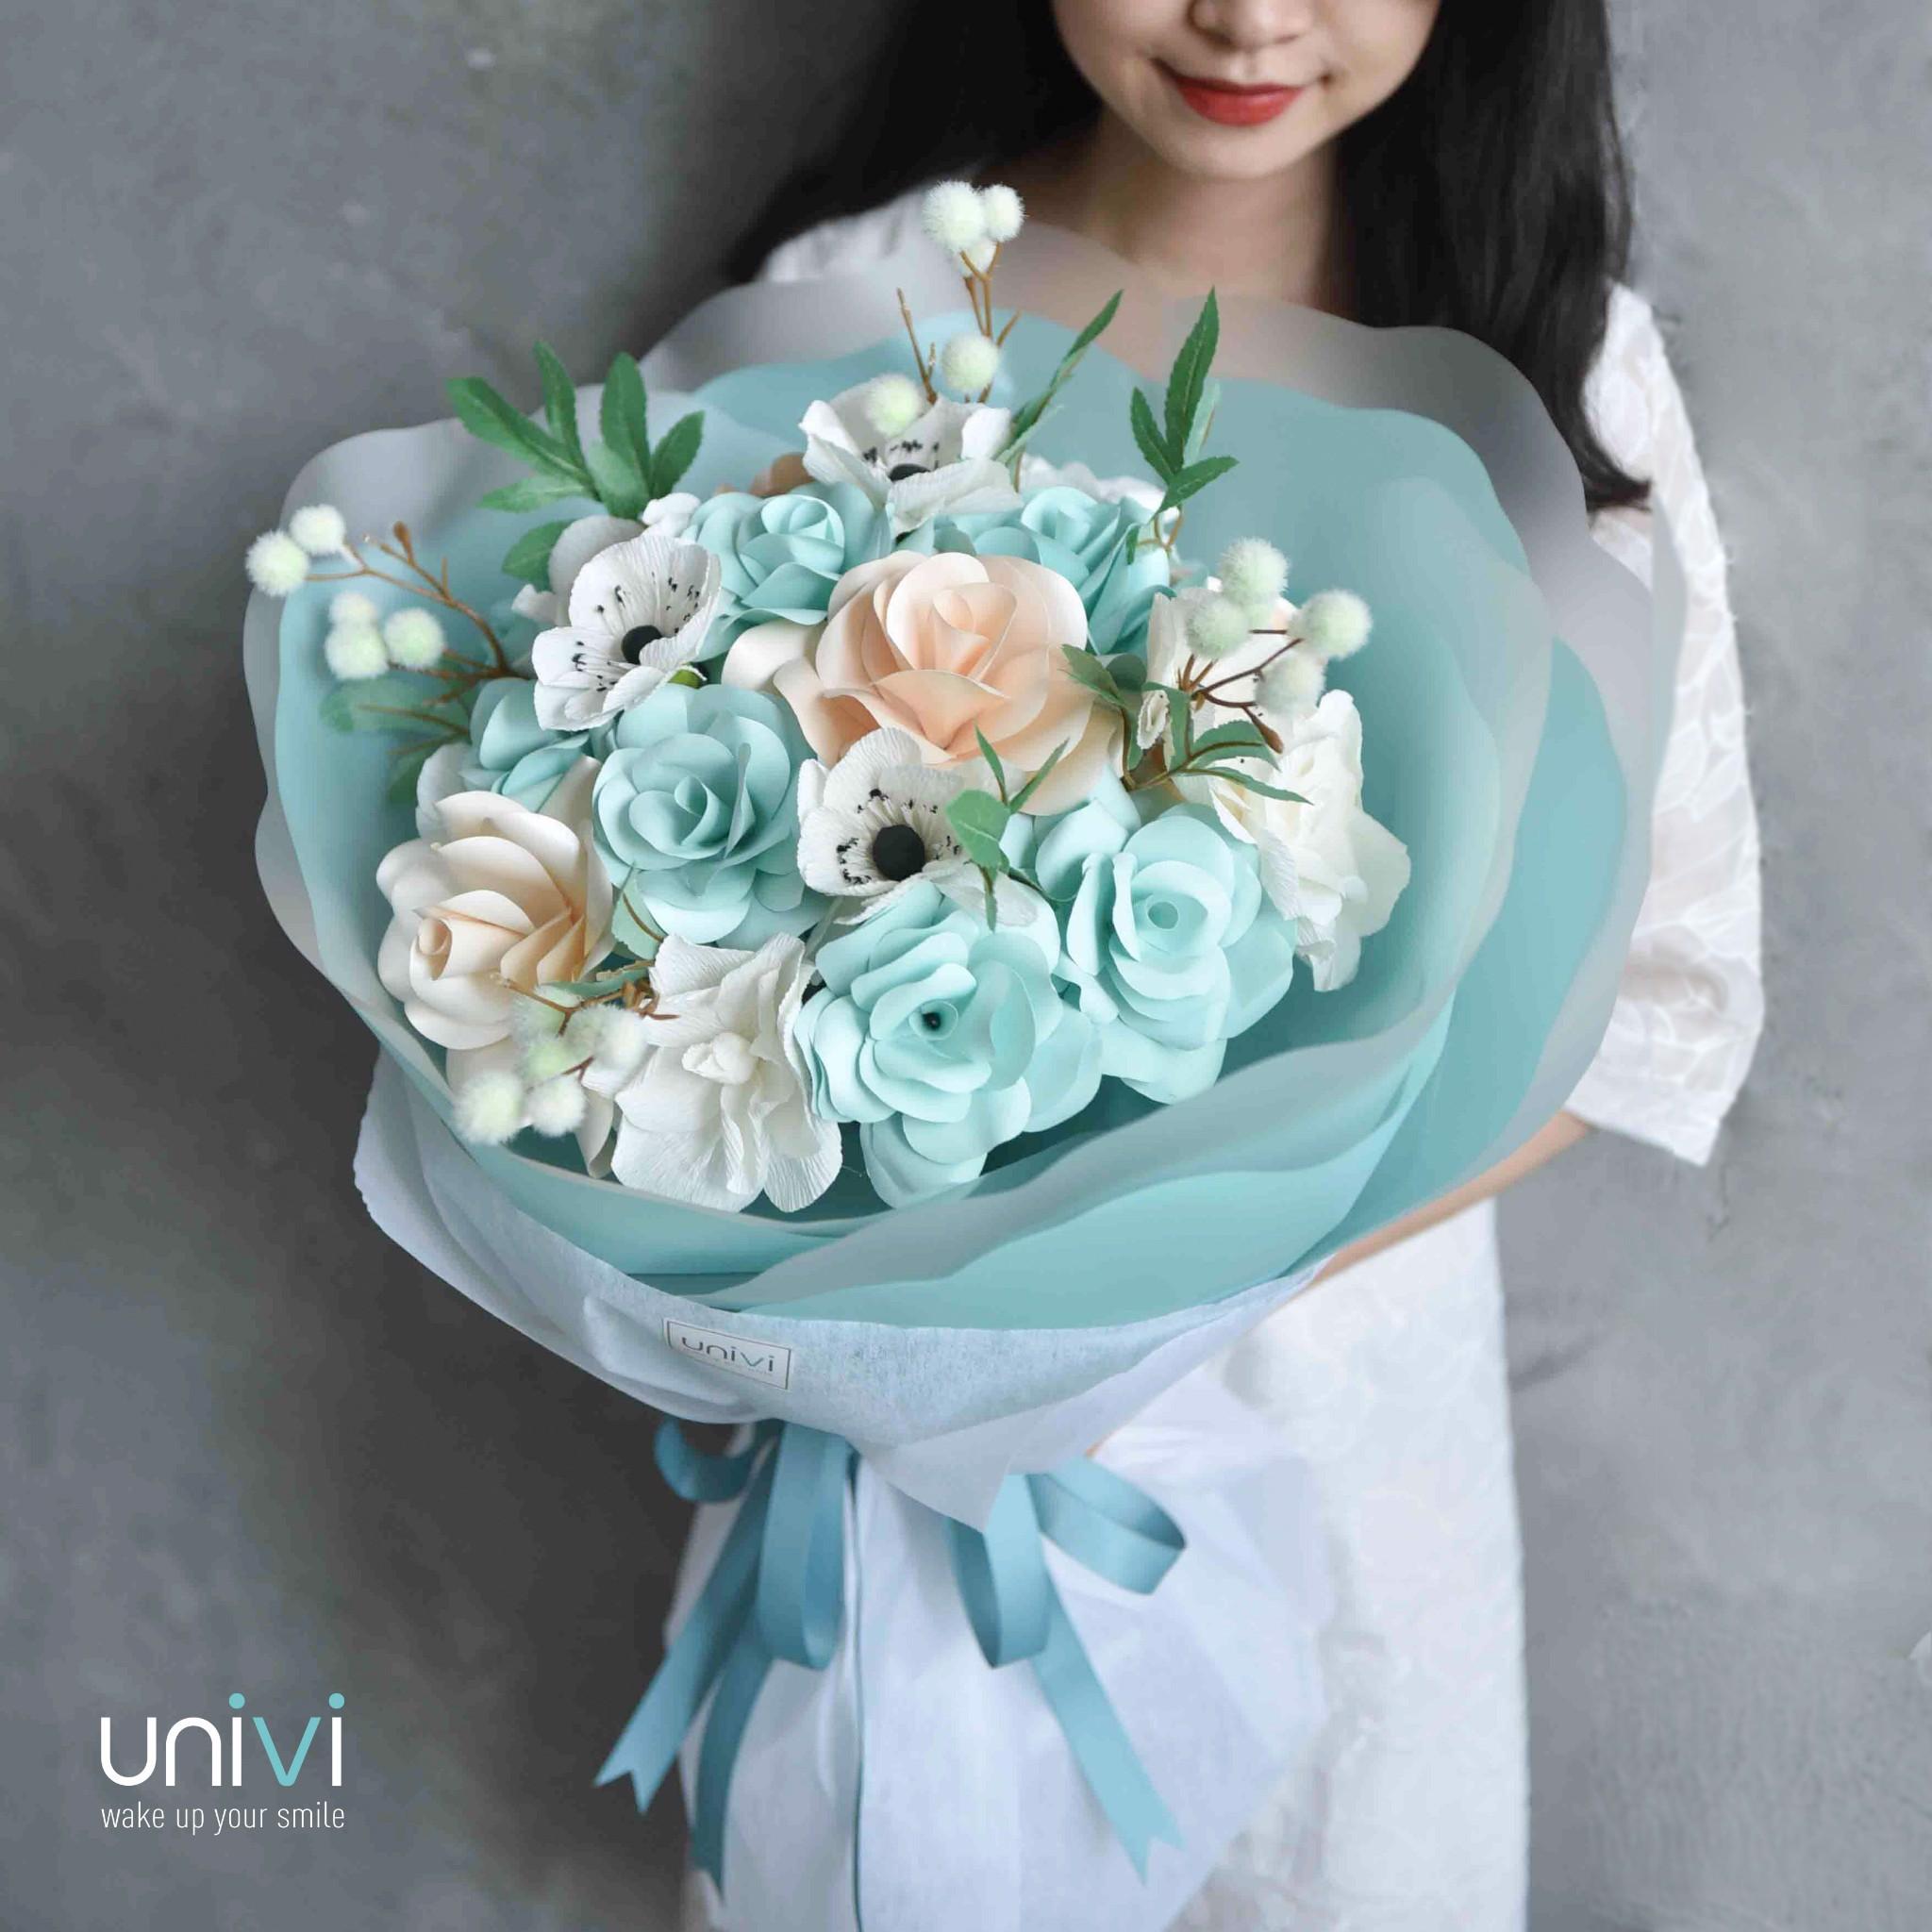 Bó hoa hồng xanh rất đẹp cực đẹp